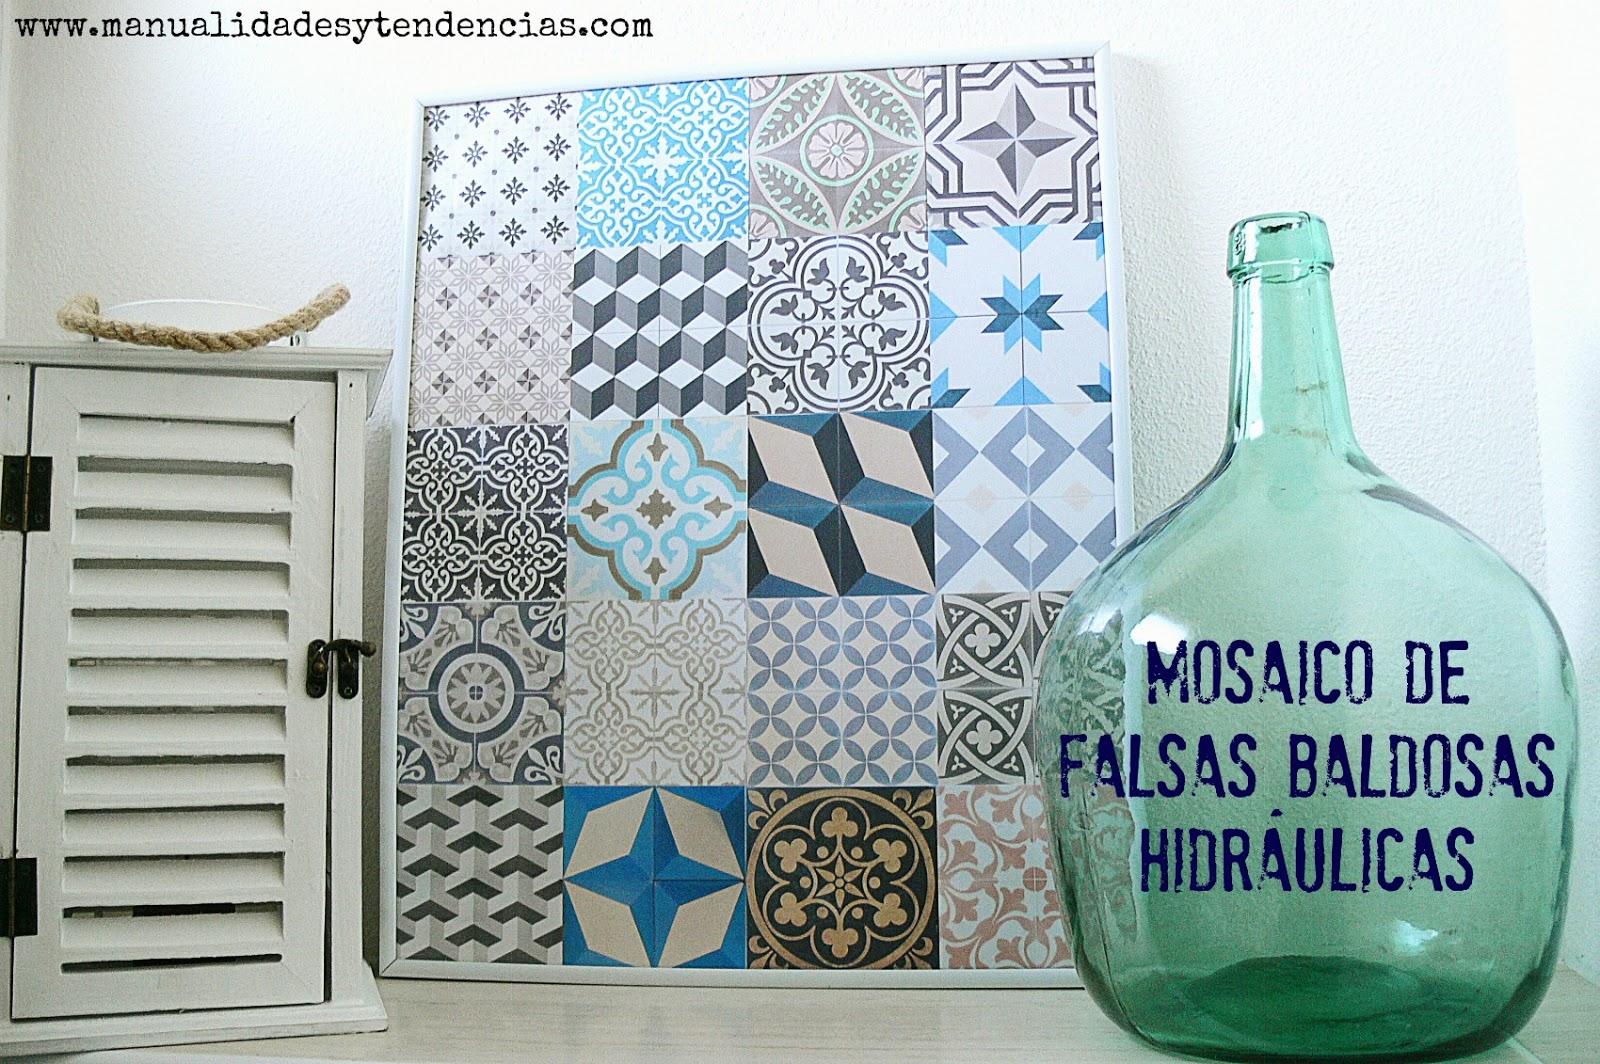 Manualidades y tendencias: Falso mosaico de baldosas hidráulicas